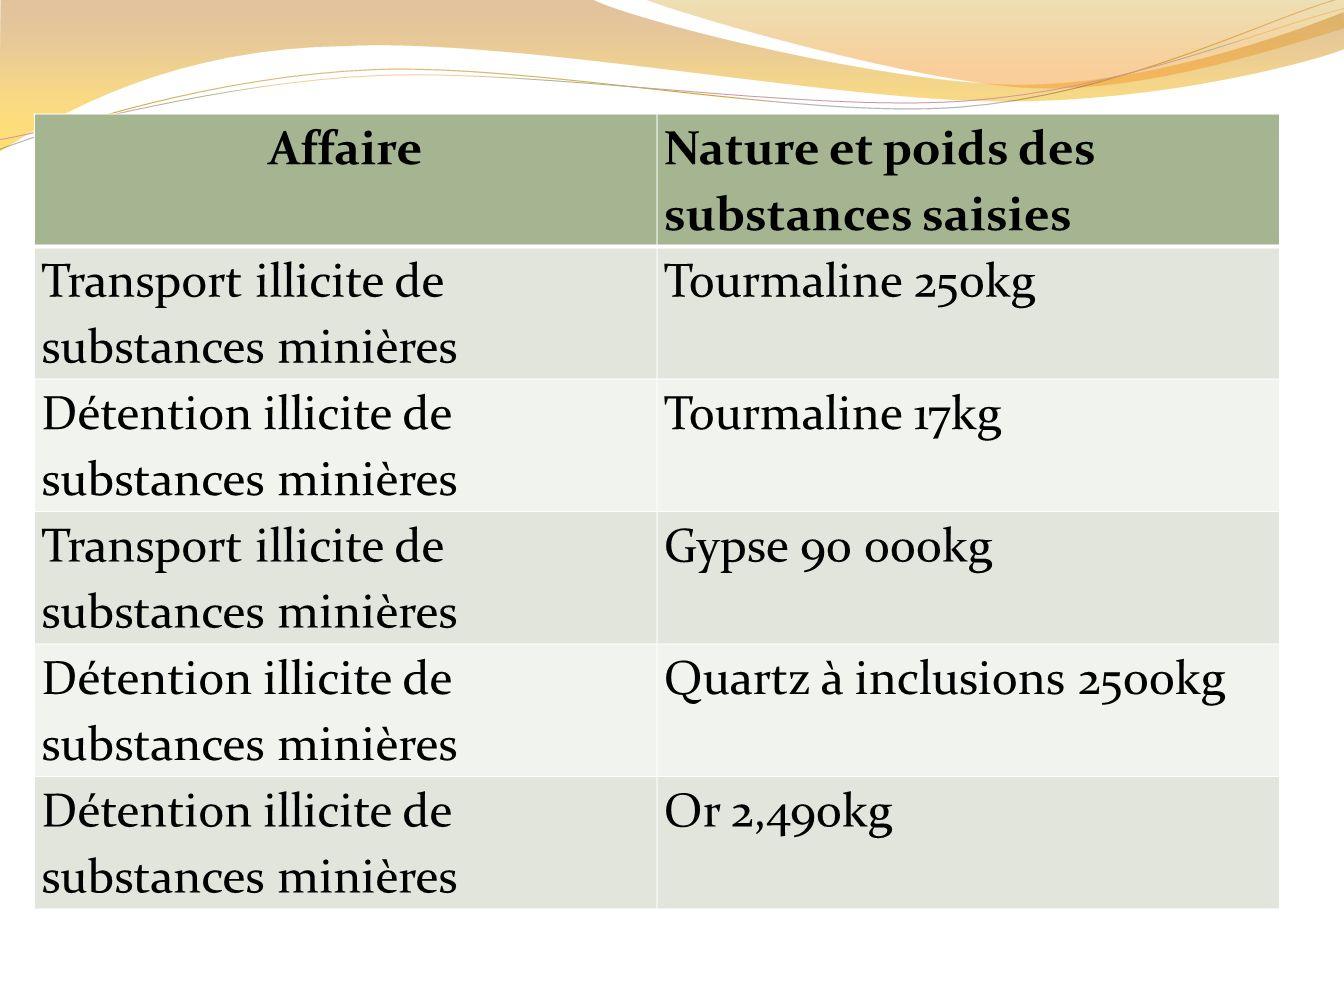 Affaire Nature et poids des substances saisies. Transport illicite de substances minières. Tourmaline 250kg.